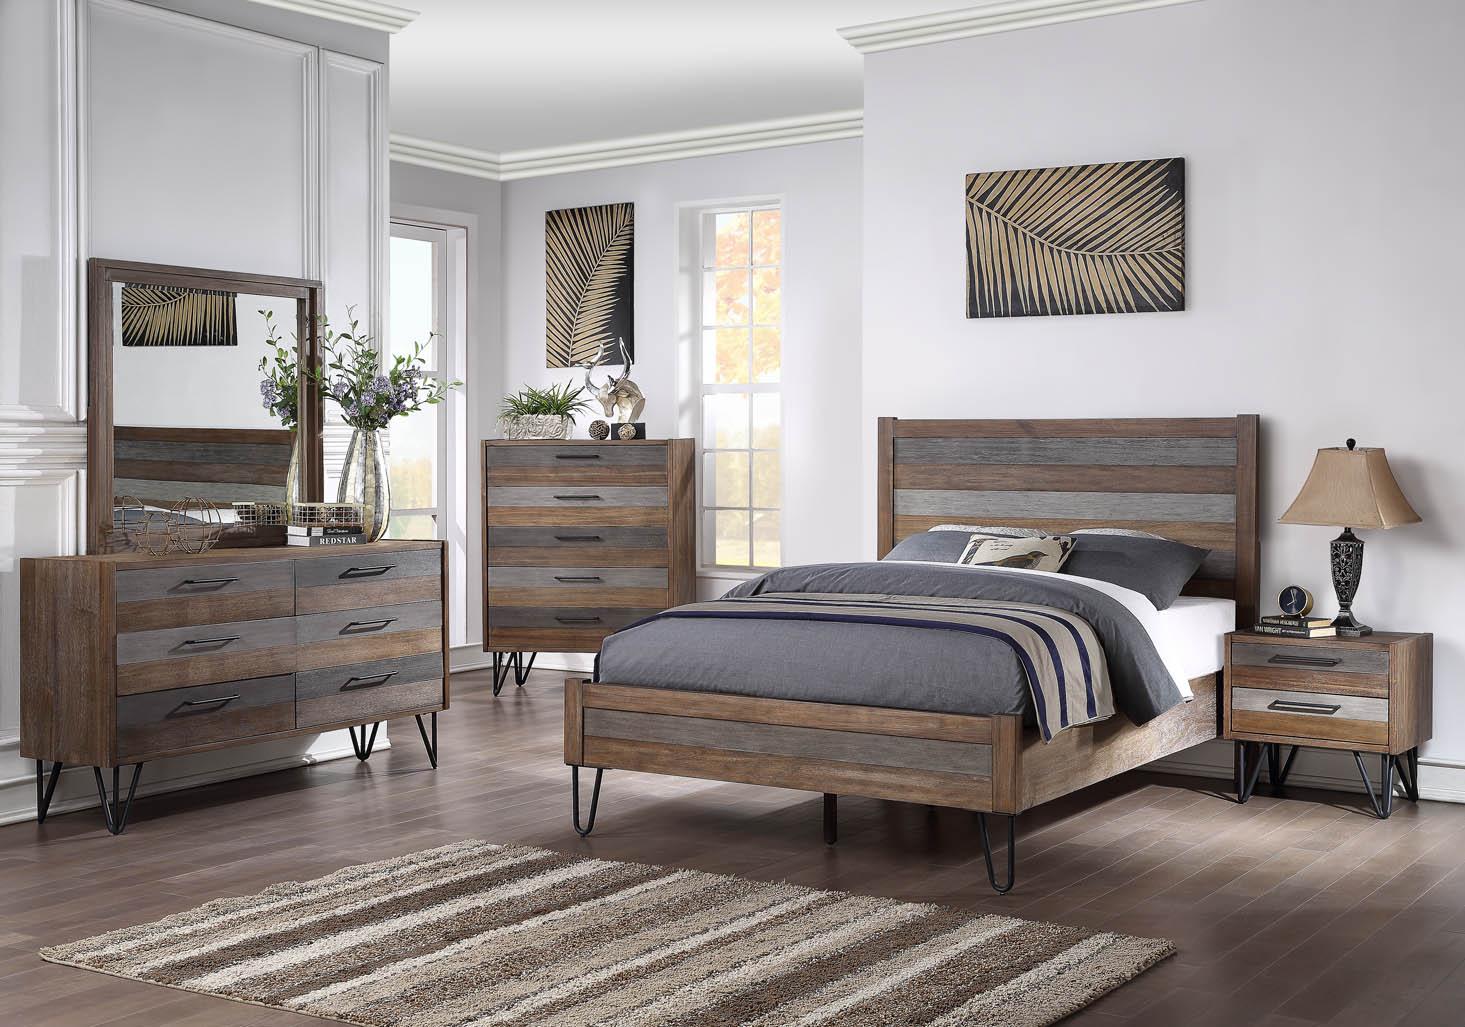 B007 6 Piece Bedroom Set Gonzalez Furniture